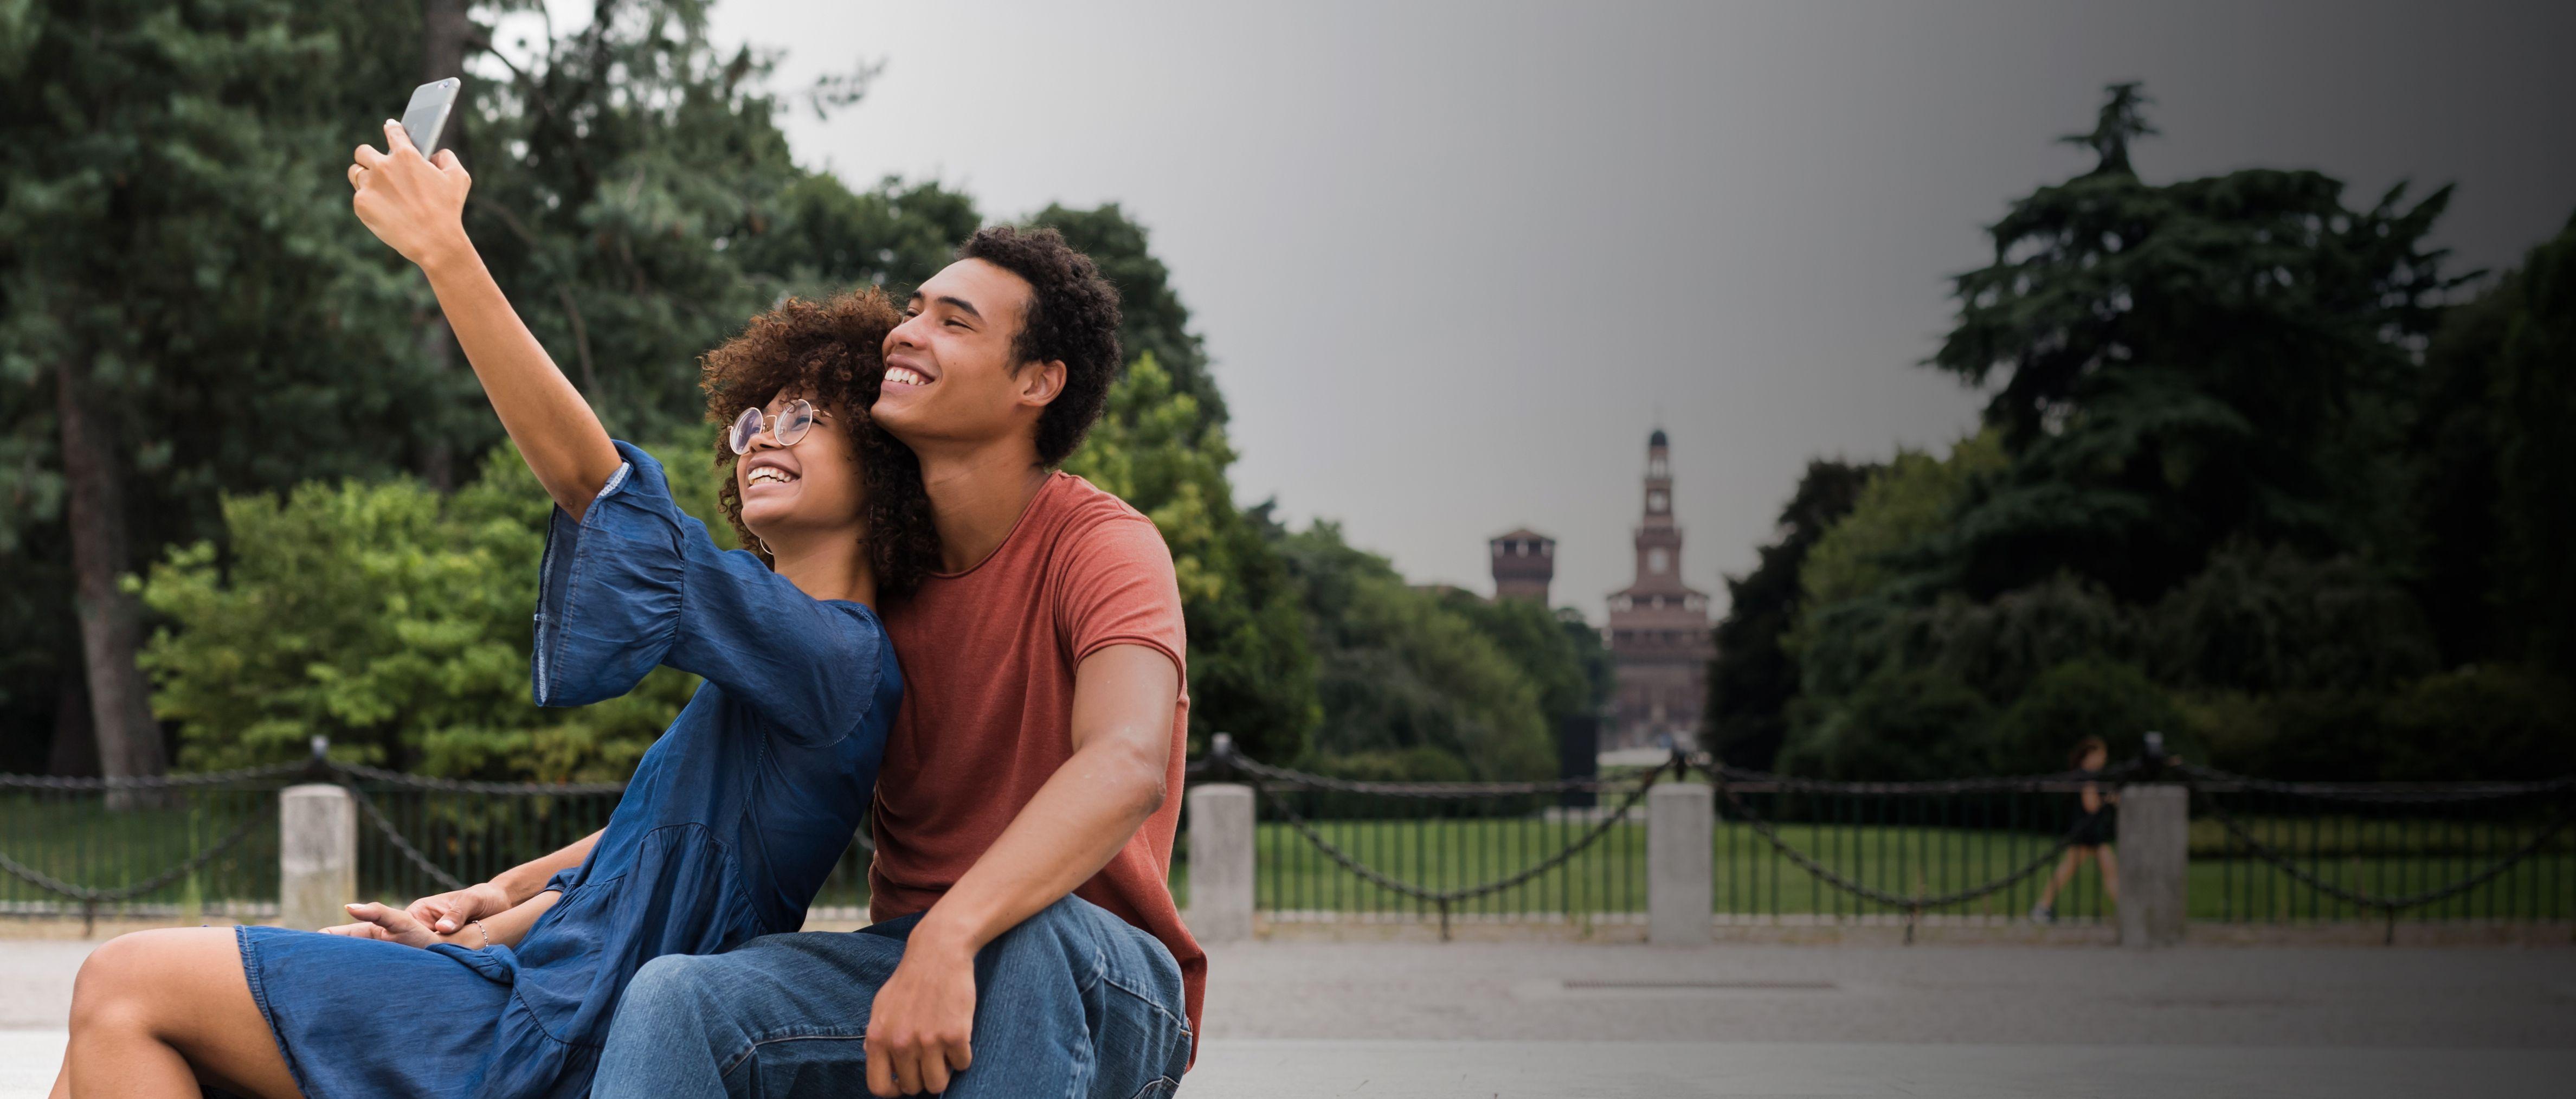 Hombre y mujer sonriendo y tomándose un selfie en exteriores